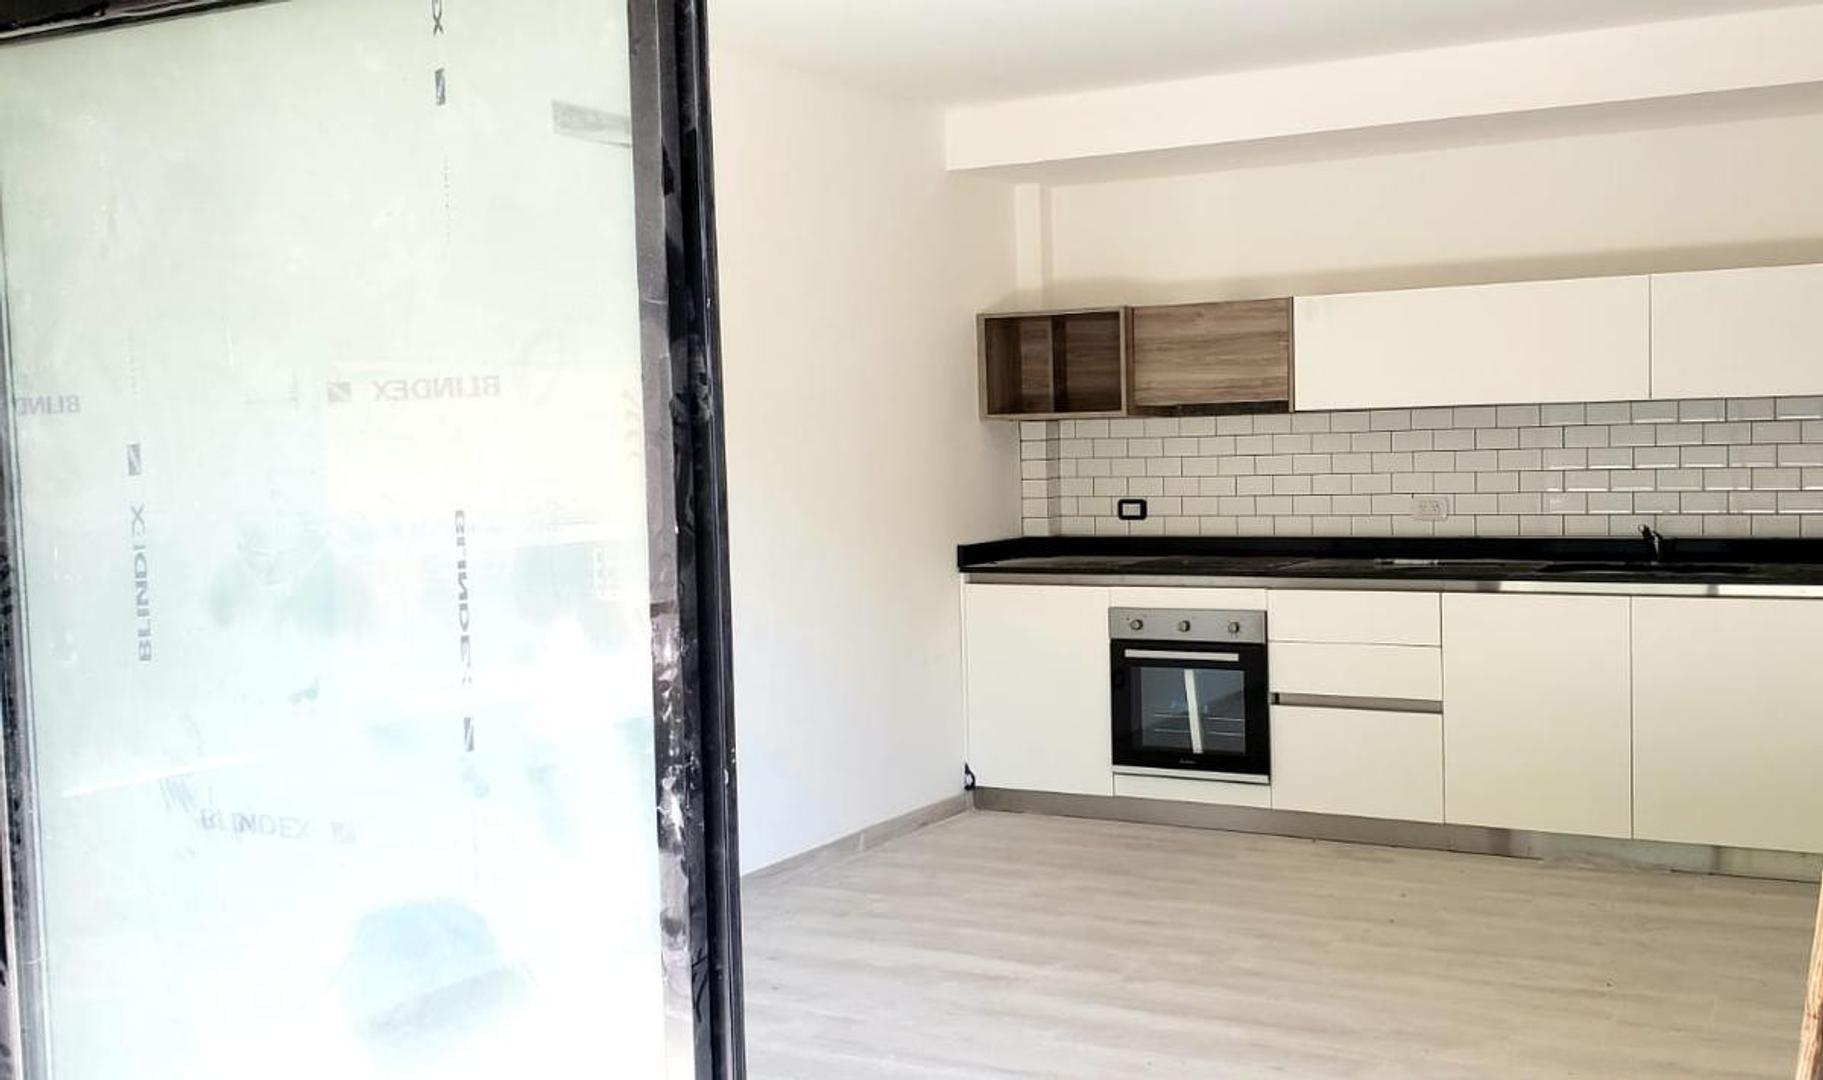 Departamento - 48 m² | 1 dormitorio | A Estrenar